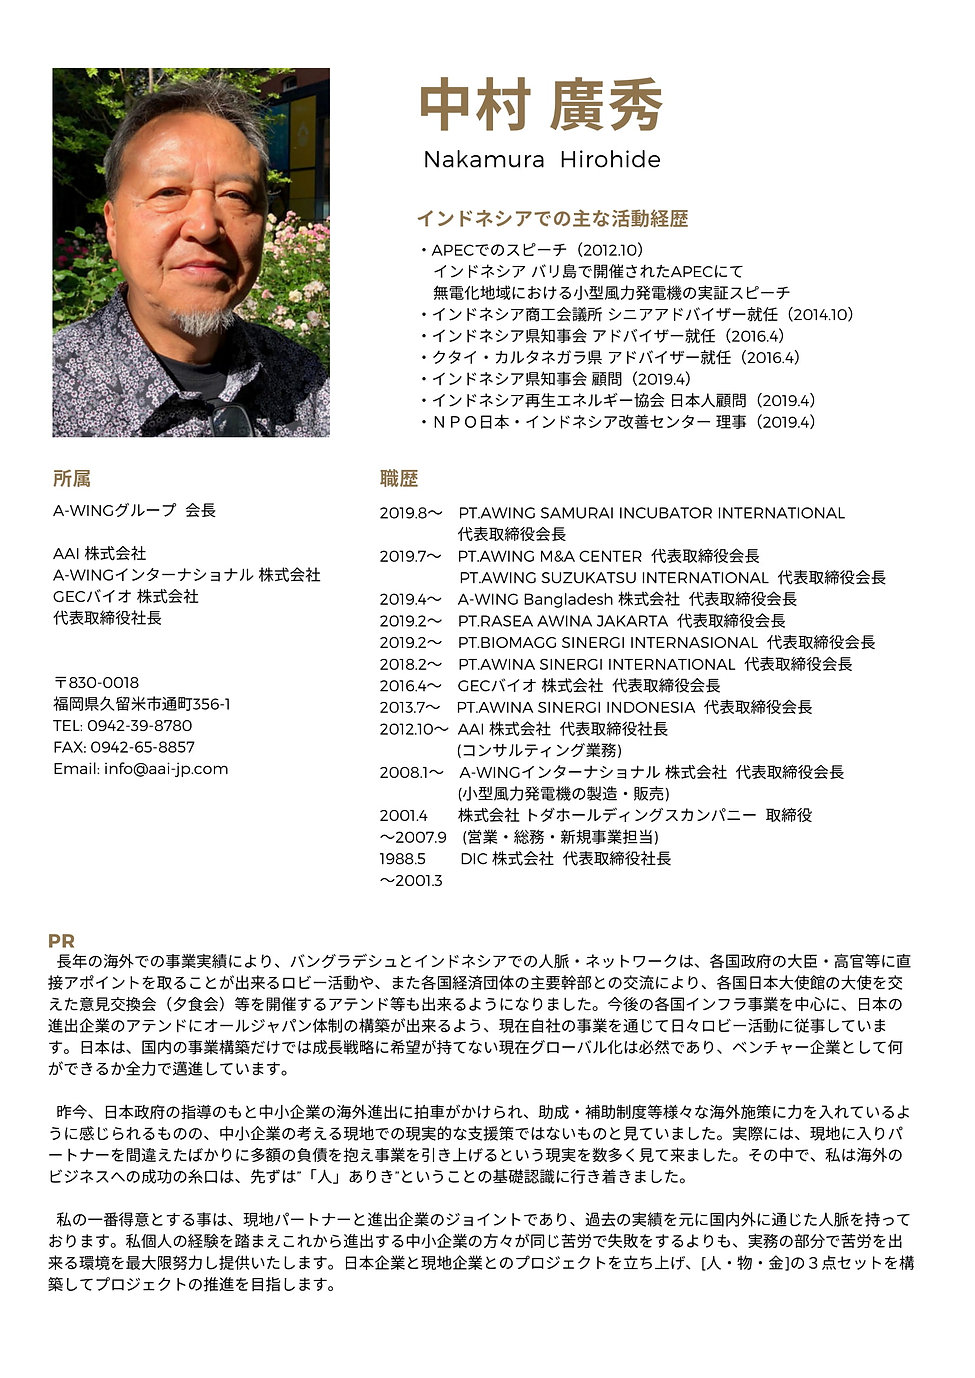 プロフィール 中村 廣秀 Vol2.jpg